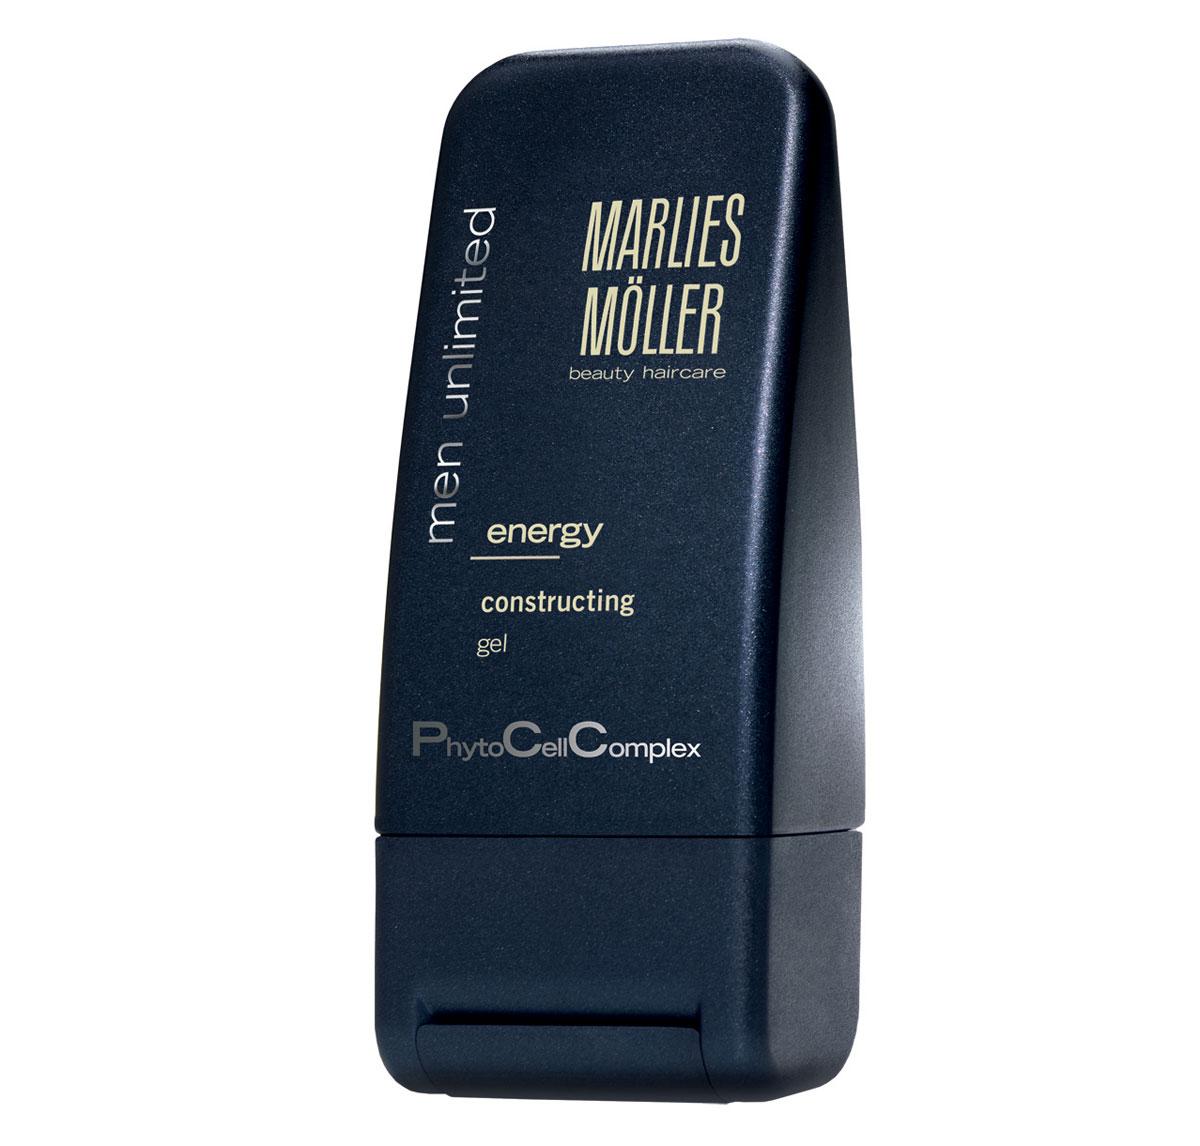 Marlies Moller Структурирующий гель для укладки волос Men Unlimited, для мужчин, 100 мл25846MMsГель рекомендуется для любого стиля, для любого типа волос. Придает волосам силу и обеспечивает естественную фиксацию. Сохраняет гибкость укладки, не склеивает волосы. Легко удаляется при расчесывании. Защищает от повреждающего действия УФ лучей и свободных радикалов. Обеспечивает волосам дополнительное увлажнение. Гель легко распределяется по волосам, имеет нелипкую текстуру, не утяжеляет волосы, полностью и легко смывается. Профессиональный совет: наносите гель на влажные волосы для создания современного делового стиля. Предварительно подсушите волосы полотенцем, затем часть волос, в зависимости от Ваших предпочтений, расчешите в нужном направлении. Нанесите на ладонь небольшое количество геля (размером с грецкий орех) и придайте форму прическе. Закрепите фиксацию с помощью теплового воздействия фена. Можно наносить гель на сухие волосы для создания спортивного стиля. Нанесите гель на ладони и взъерошьте сухие волосы руками. Затем возьмите еще немного средства и придайте форму отдельным прядям.Возьмите небольшое количество средства. В зависимости от желаемого эффекта нанесите на сухие или подсушенные полотенцем волосы. Уложите как обычно.